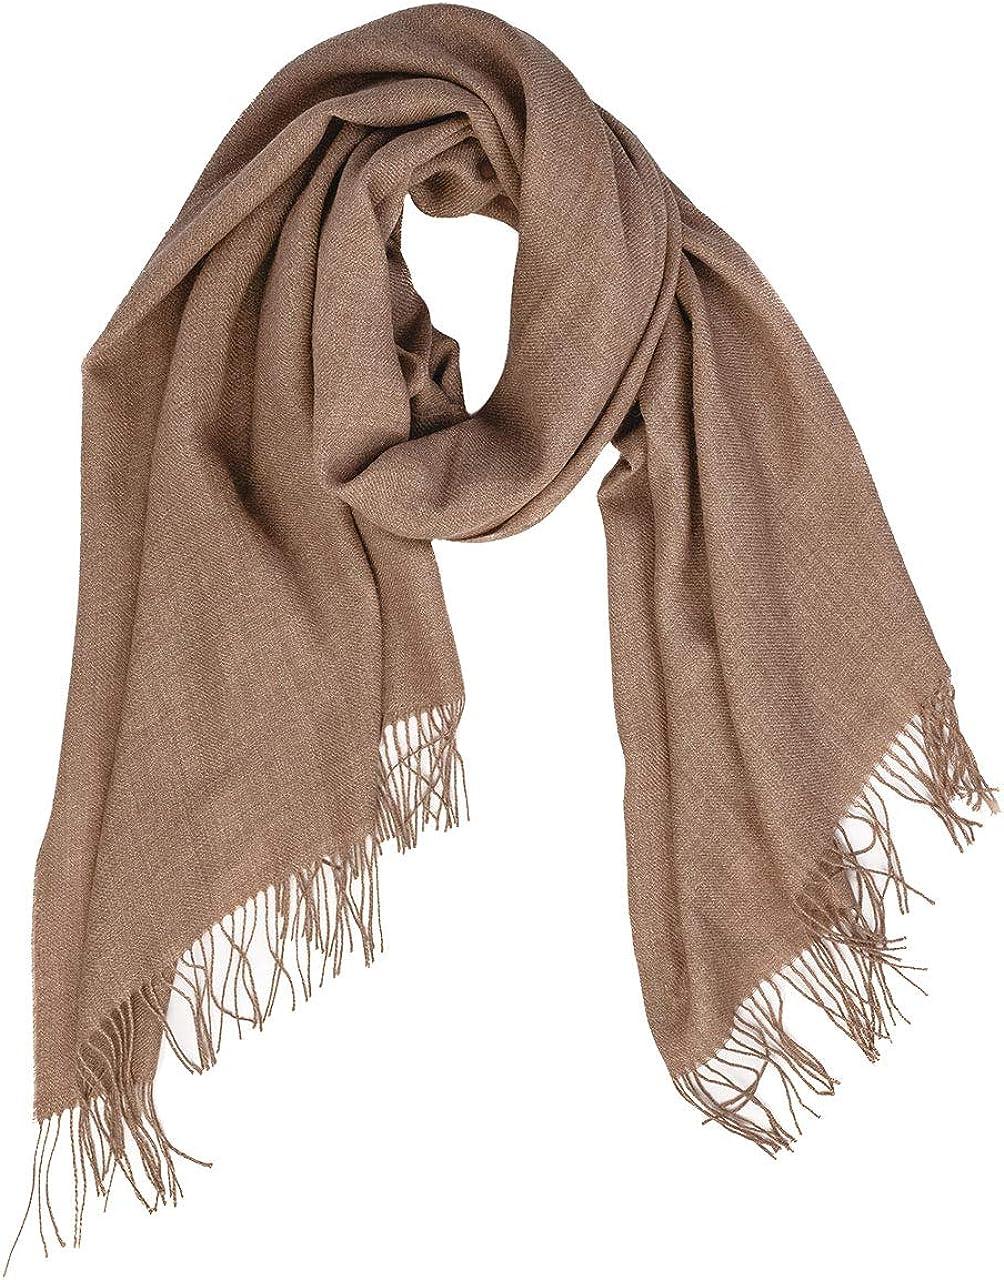 Inca Fashions - Oversized Scarf & Shawl, 100% Baby Alpaca Wool - Organic & Dye-Free - Unisex | 27.5 x 78.5 inches